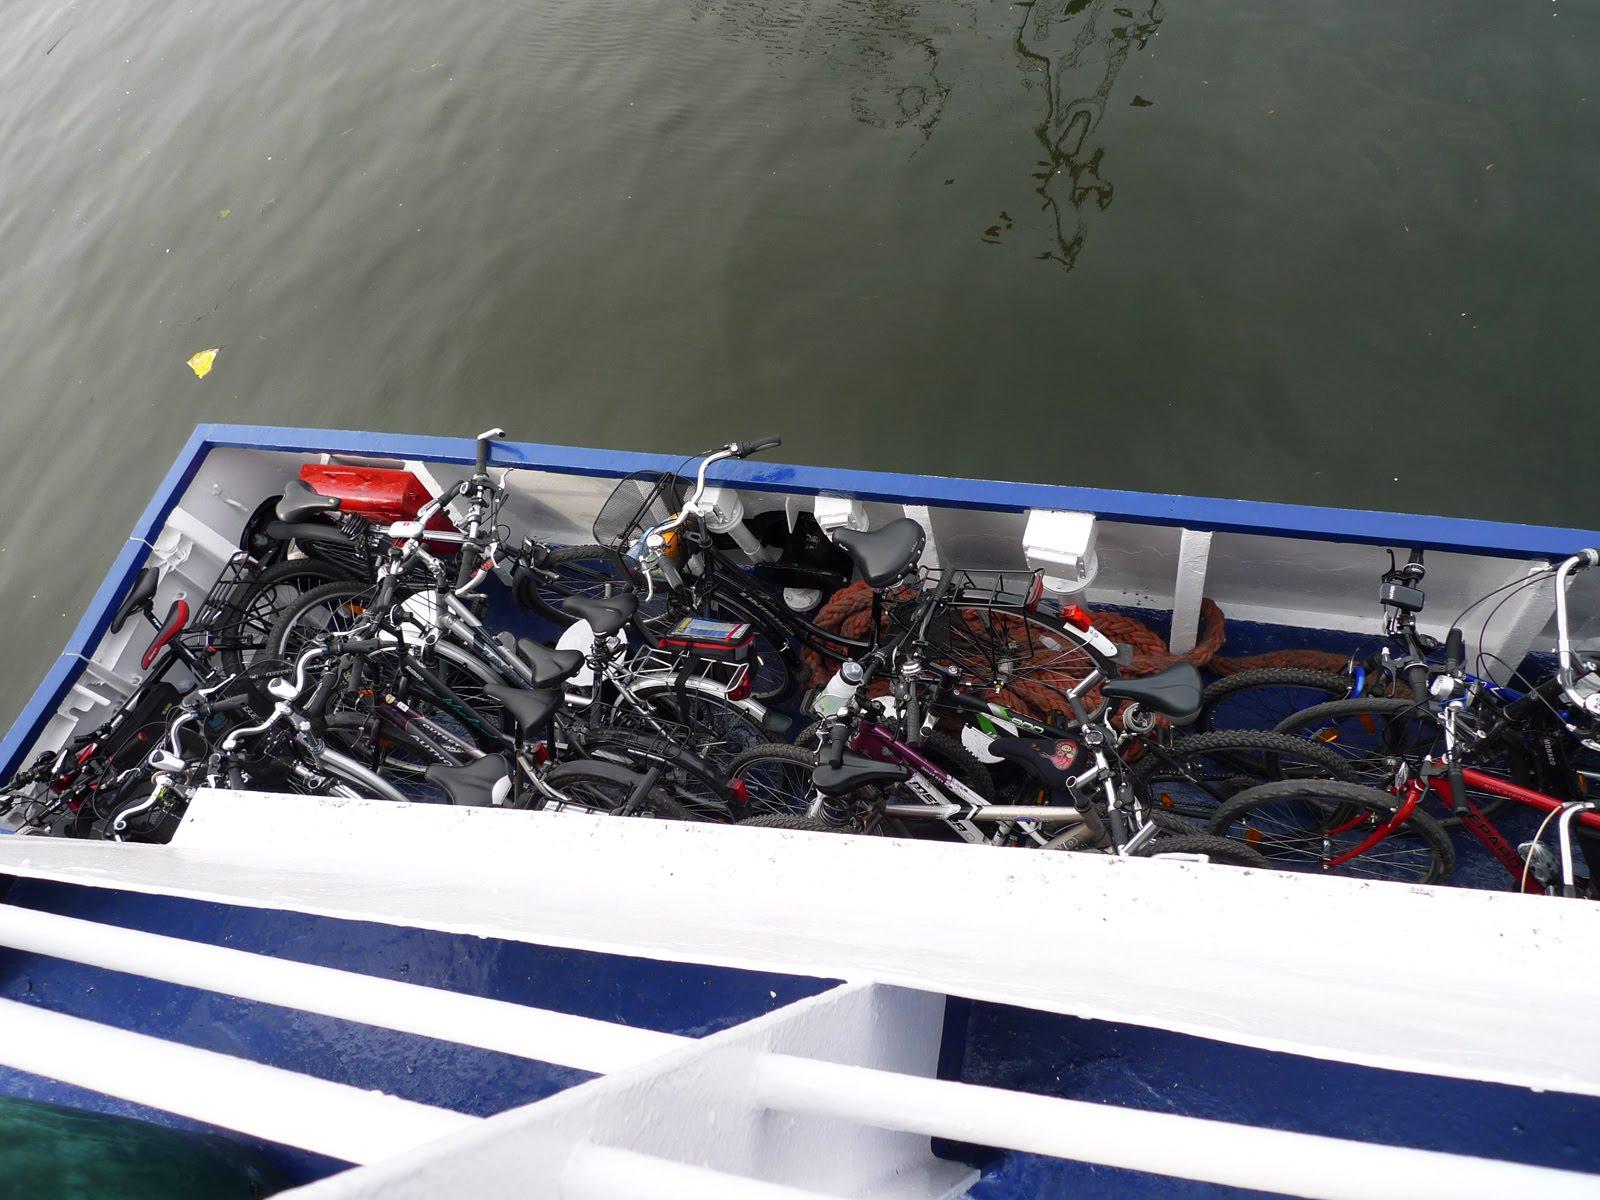 rowery na pokładzie tramwaju wodnego